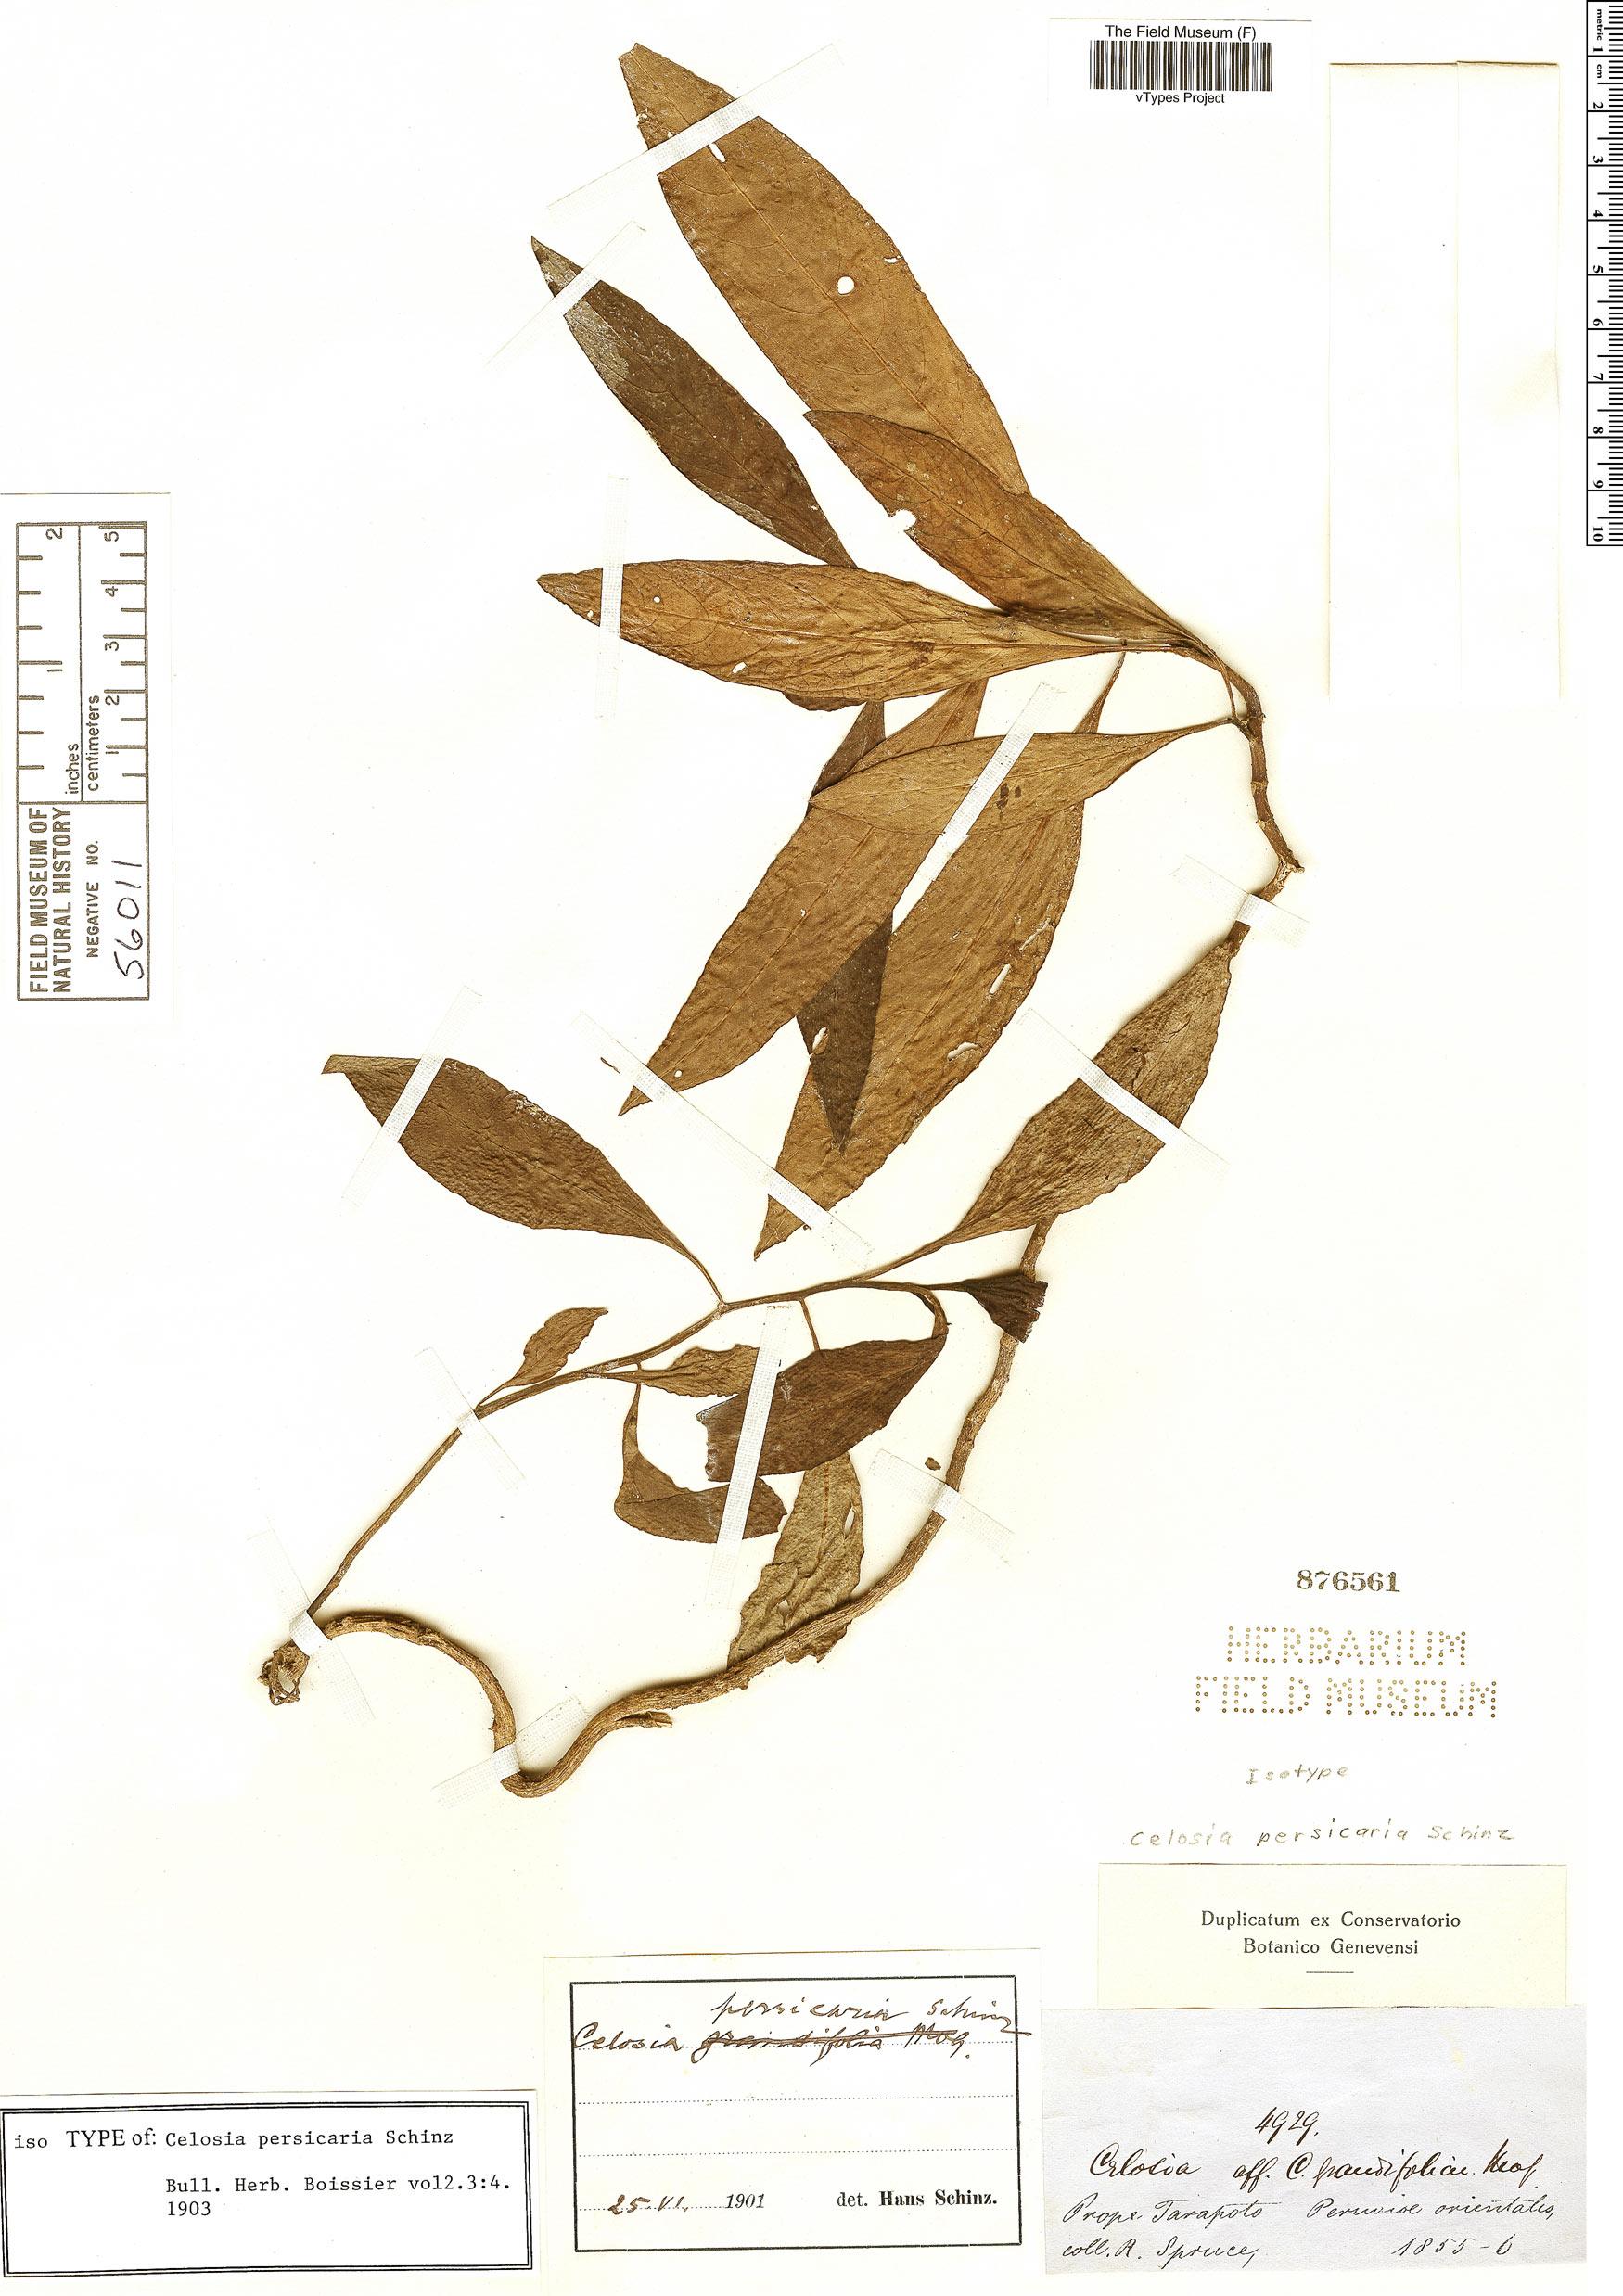 Specimen: Celosia persicaria